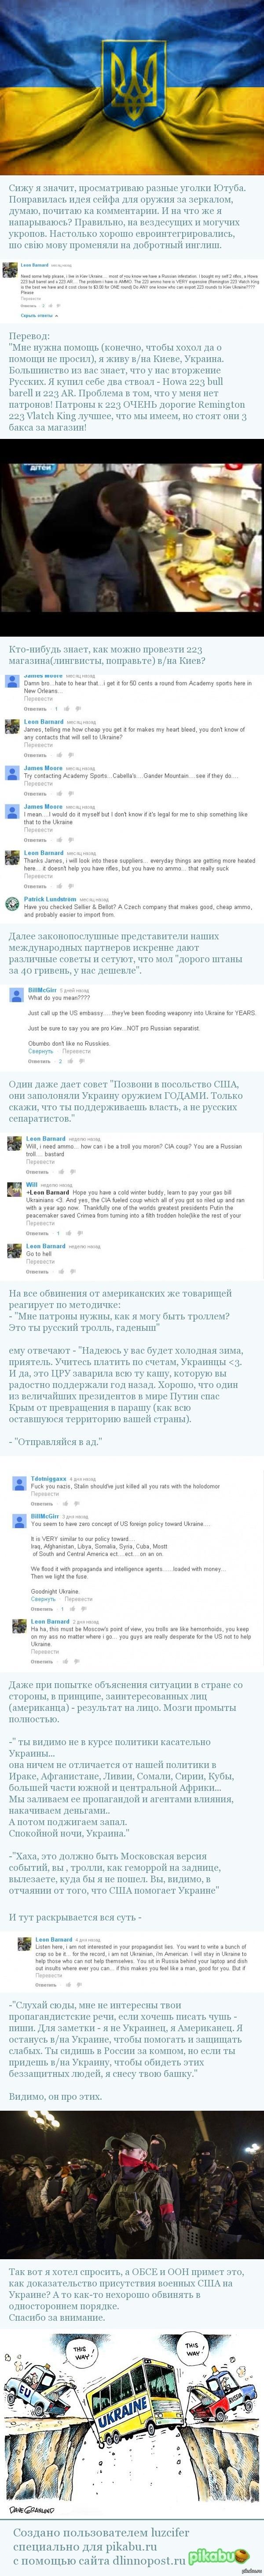 Доказательство присутствия войск США на Украине случайно наткнулся на Youtube